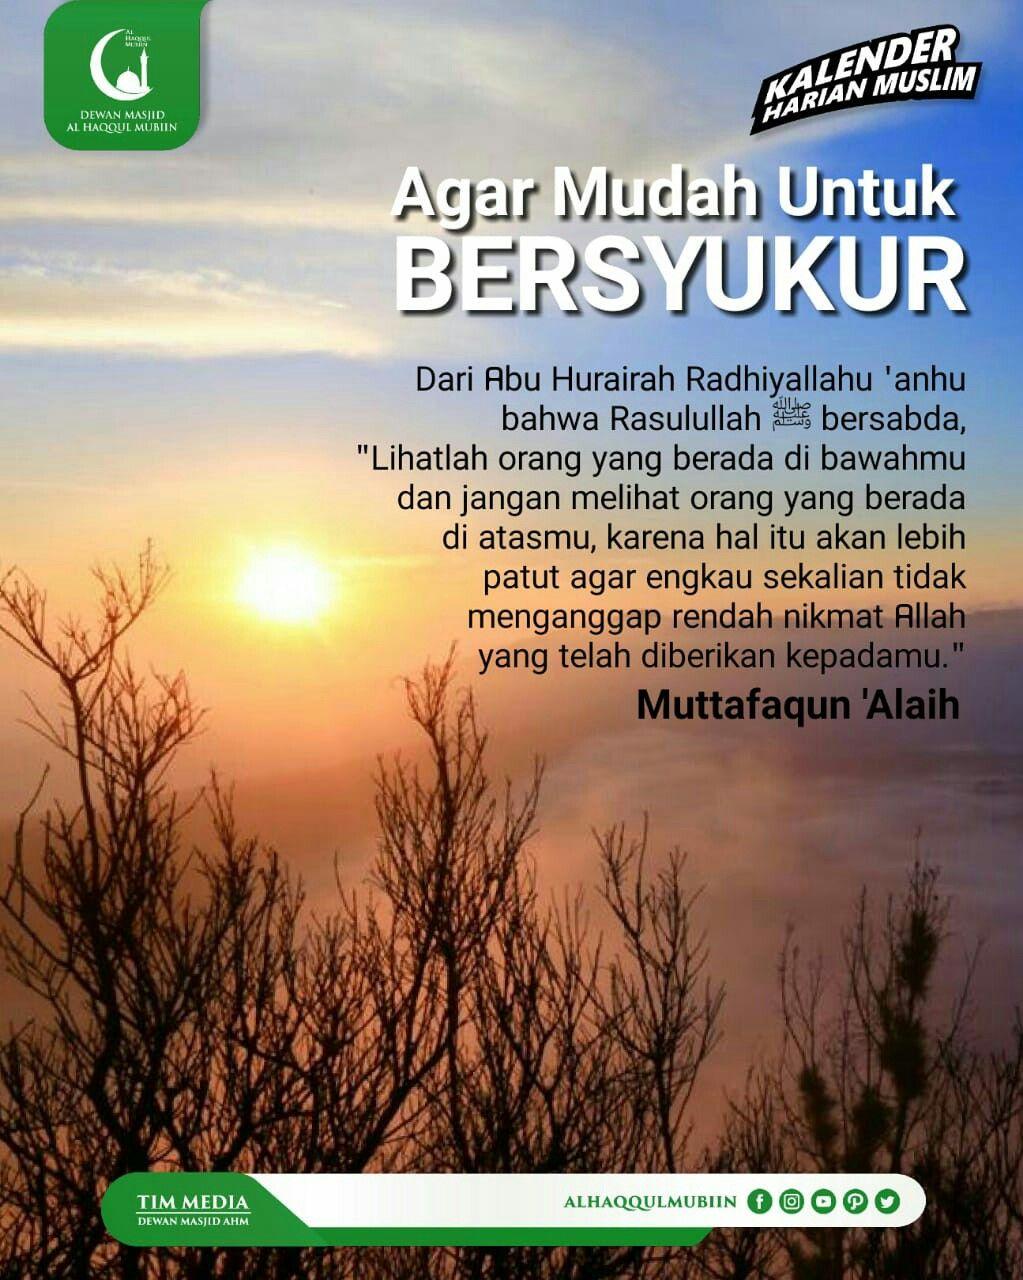 Pin Oleh 53gending92 Di I Kalender Muslim